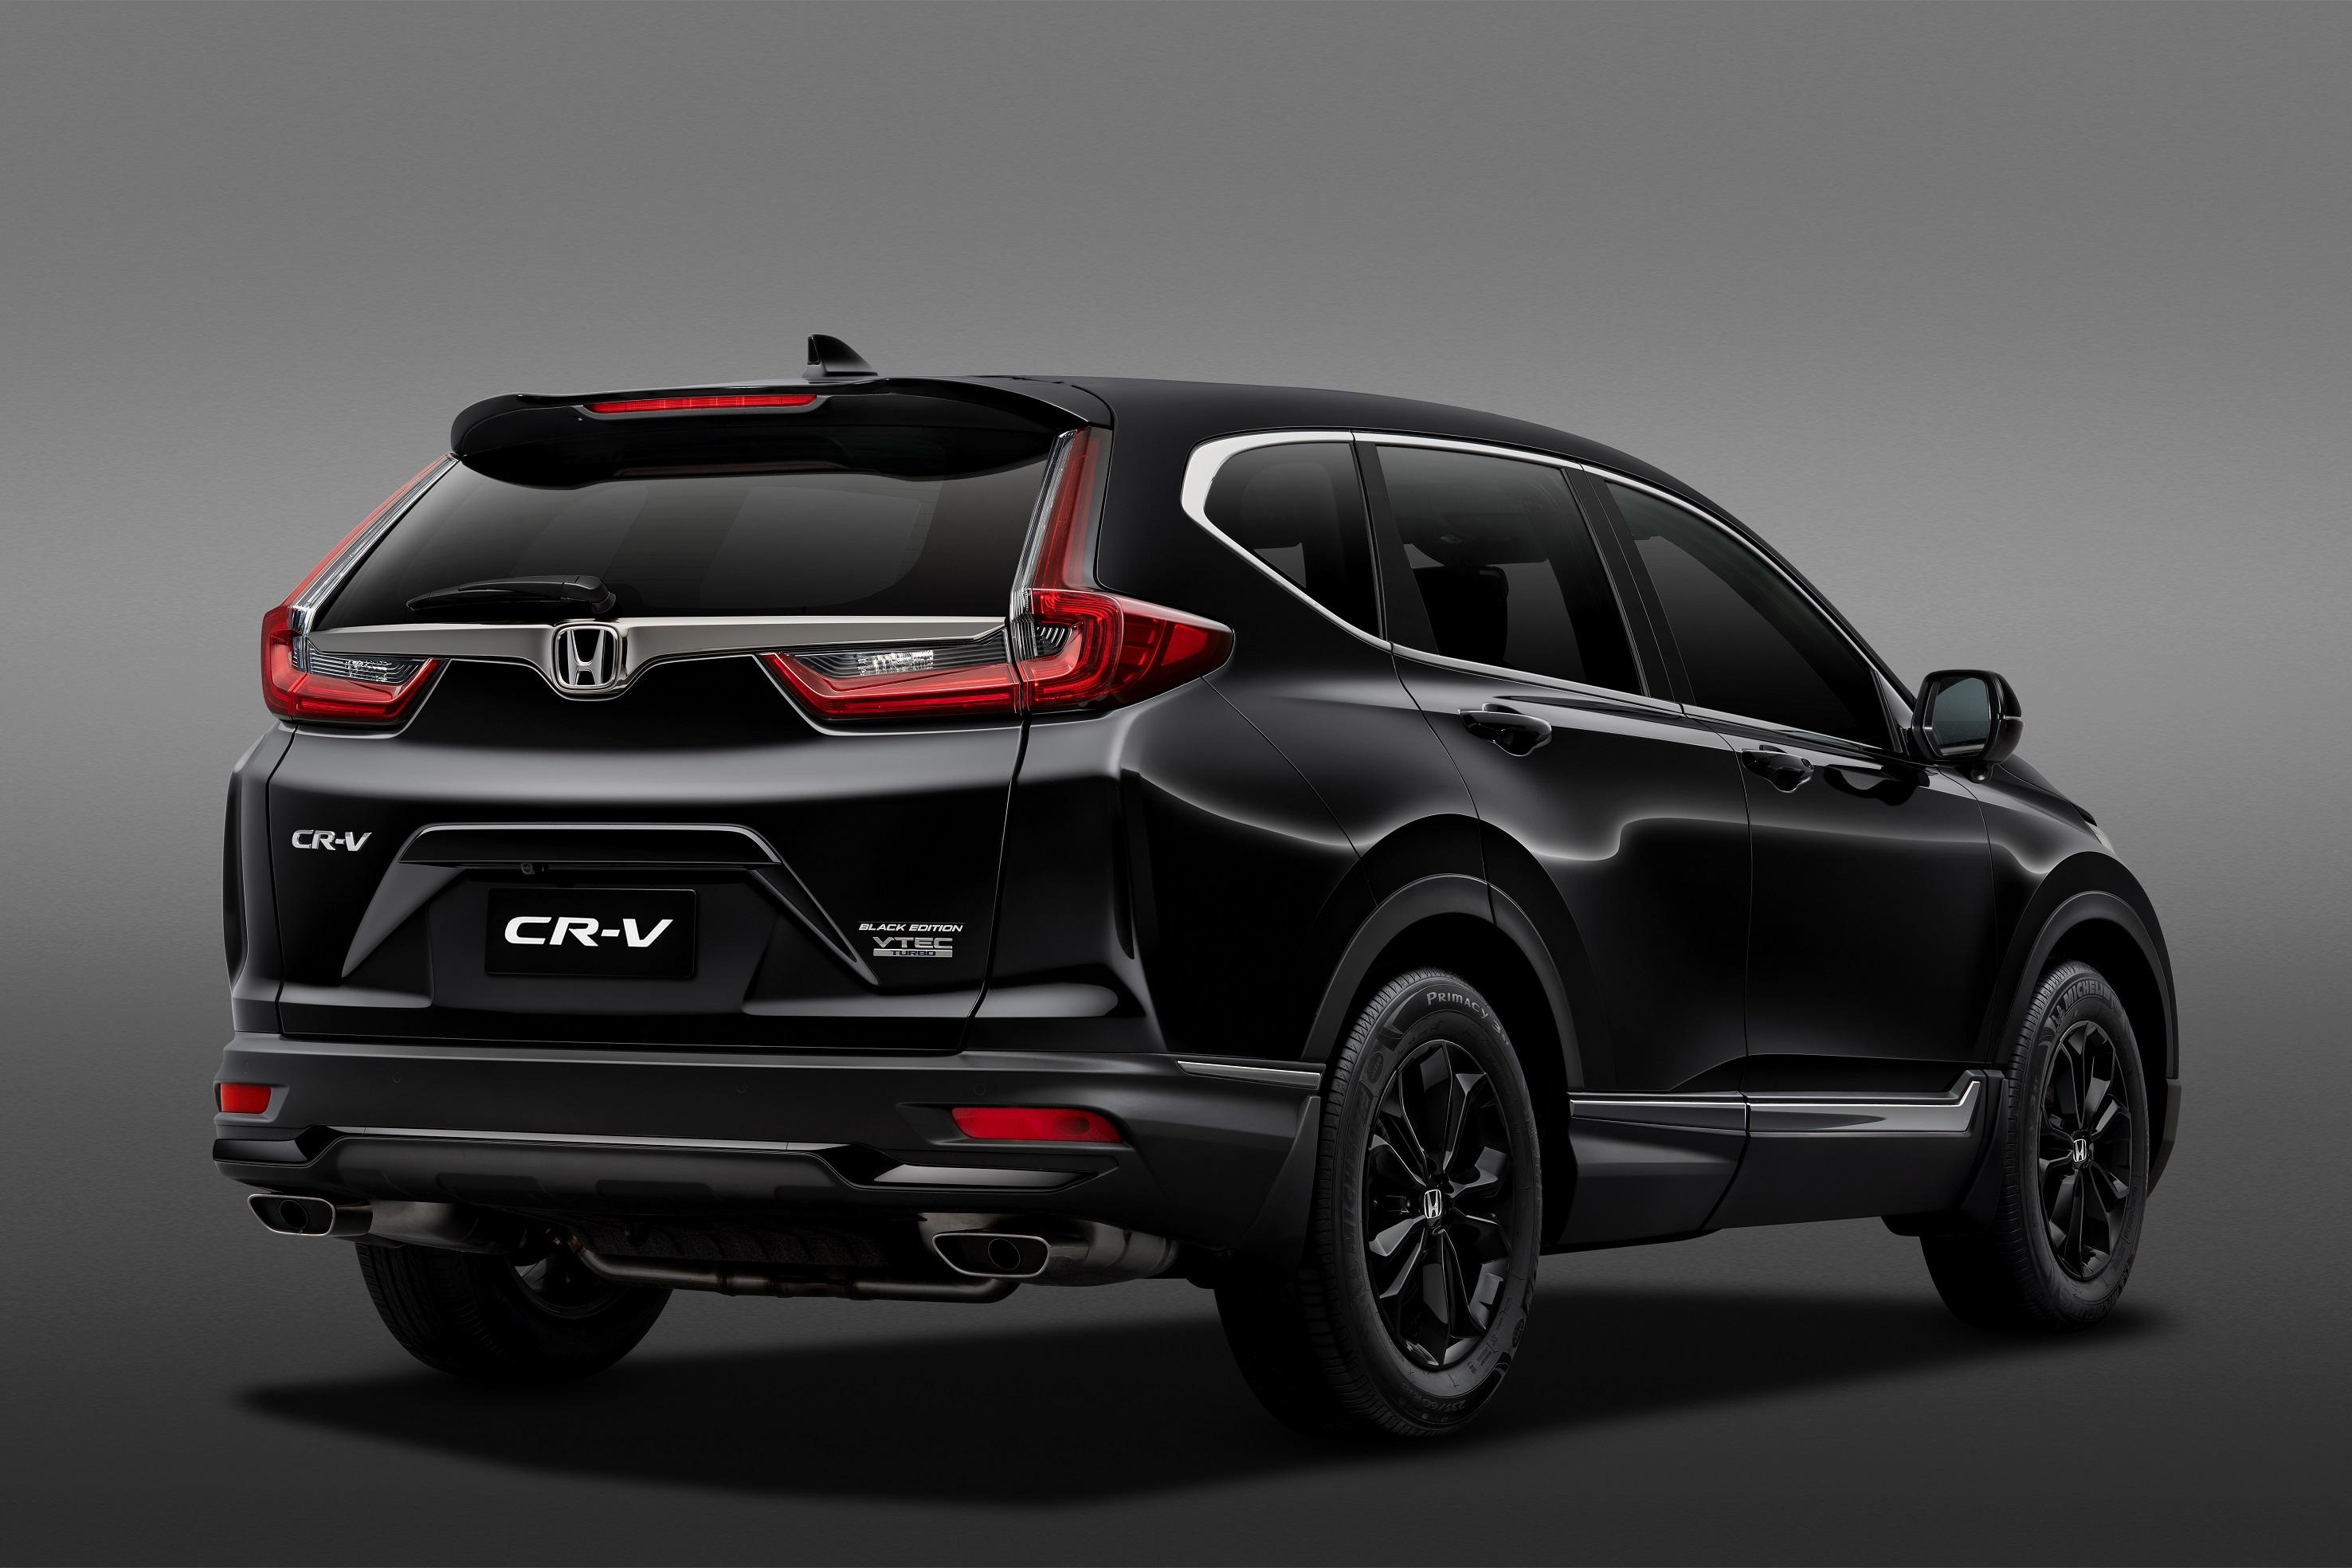 Honda CR-V phiên bản đặc biệt ra mắt tại Việt Nam, giá 1,138 tỷ honda-cr-v-6.jpg